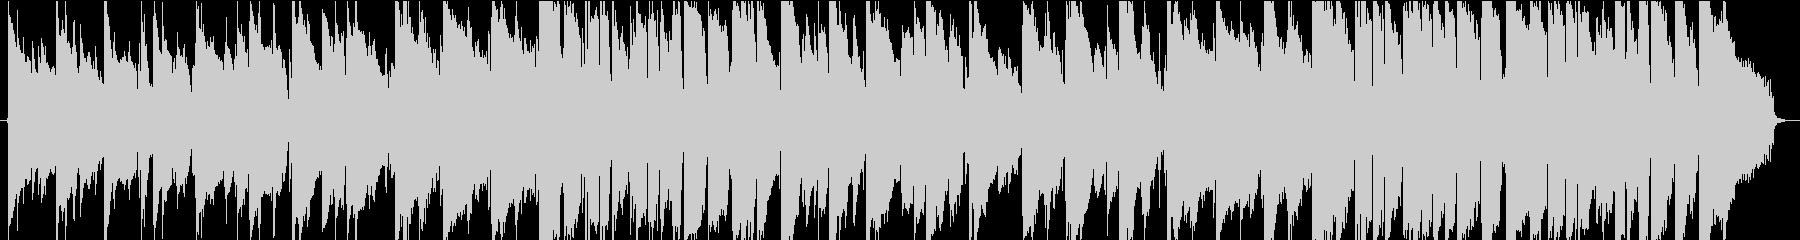 温かいサウンドのアコースティックの未再生の波形